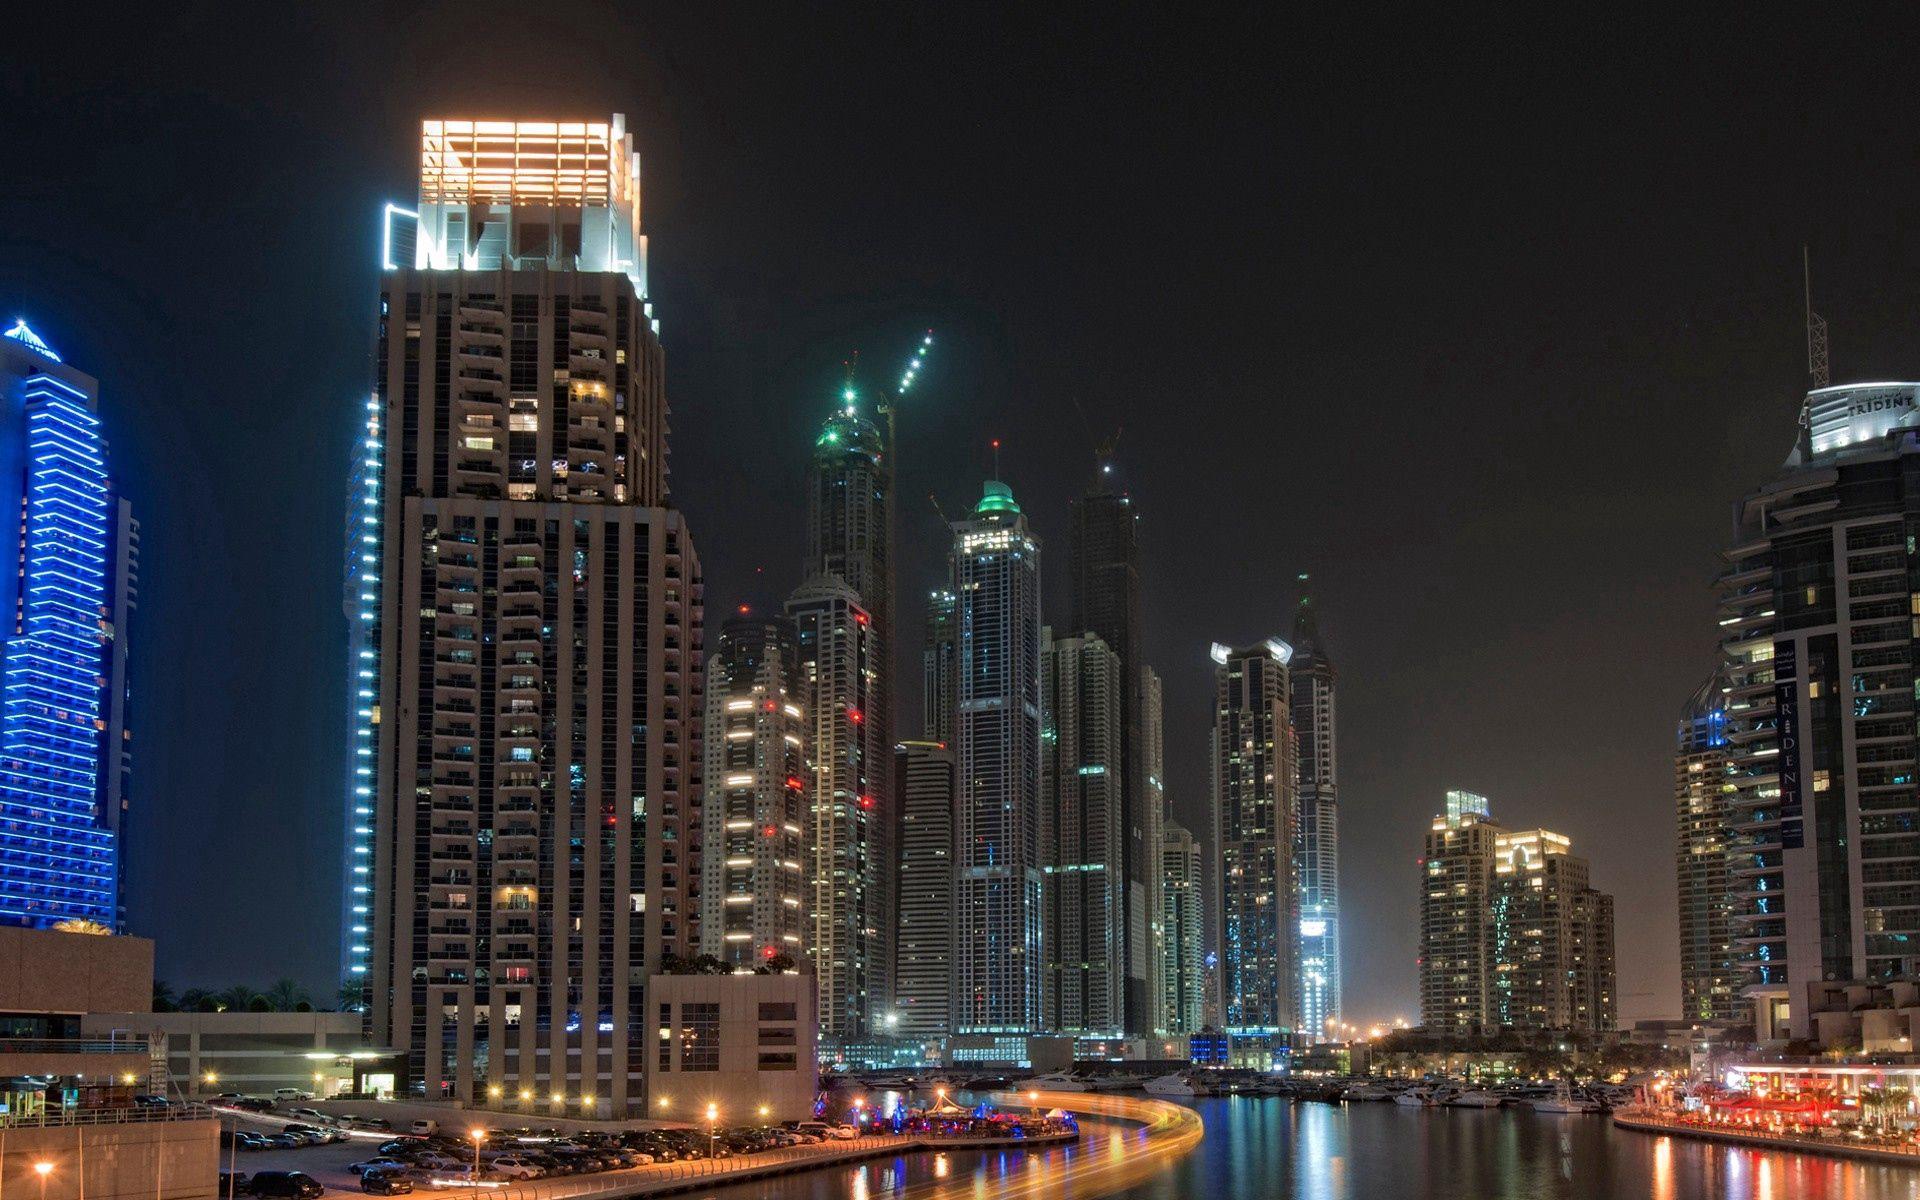 80813 Заставки и Обои Яхты на телефон. Скачать Дубай, Небоскребы, Пирс, Города, Яхты картинки бесплатно